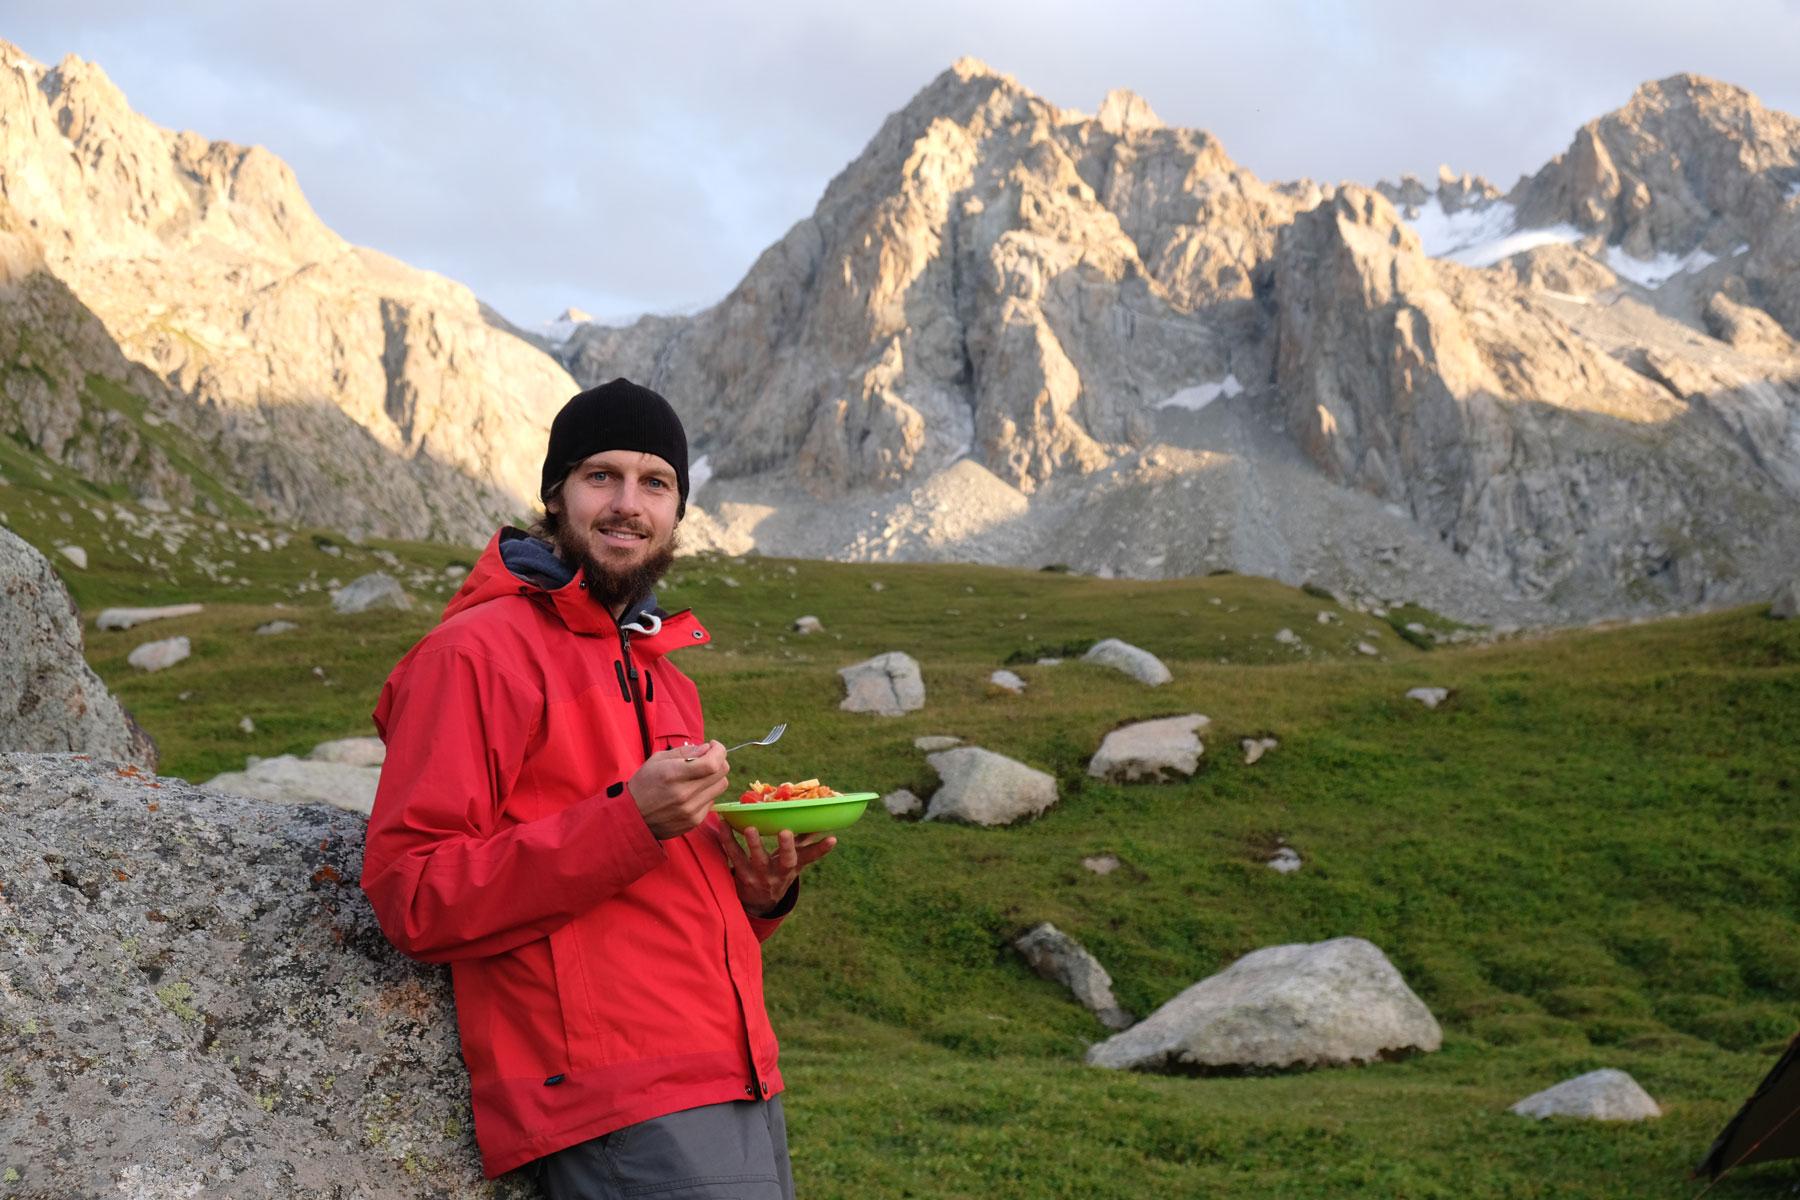 Sebastian lehnt sich im Gebirge an einen Felsen und hält einen Teller in der Hand.